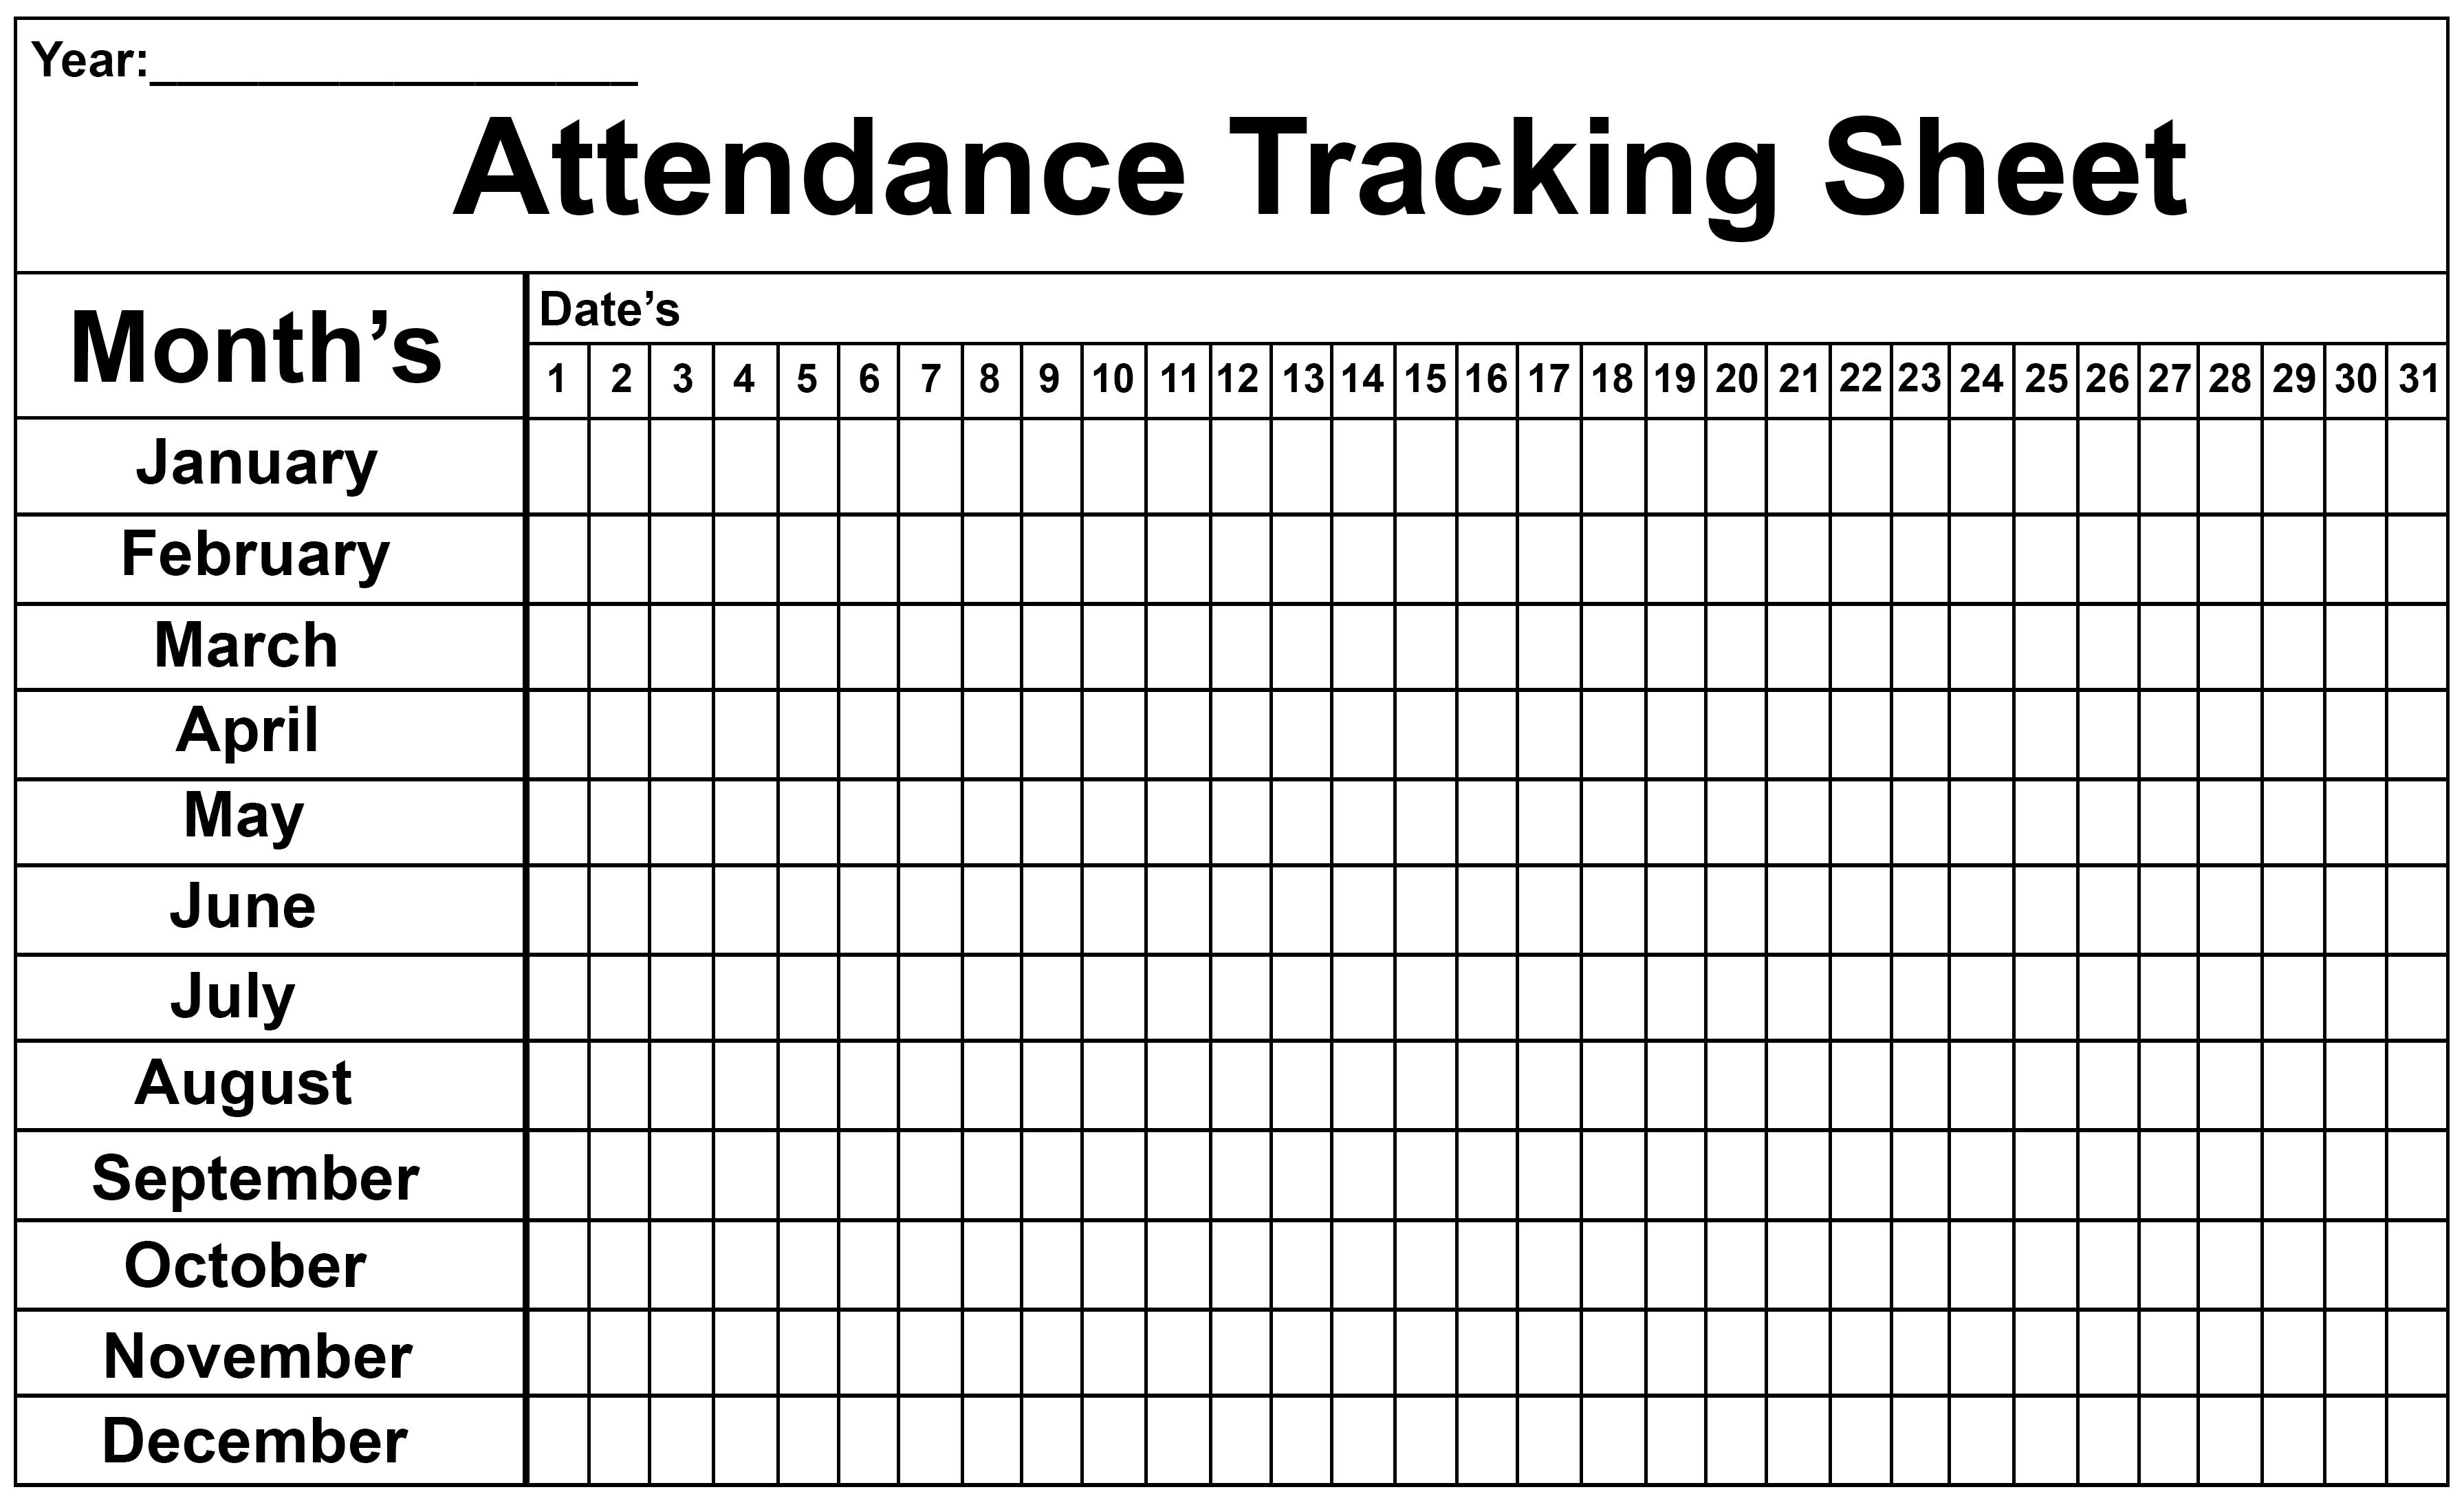 Employee Attendance Tracker Sheet 2019 | Printable Calendar Diy-2020 Attendance Tracker Template